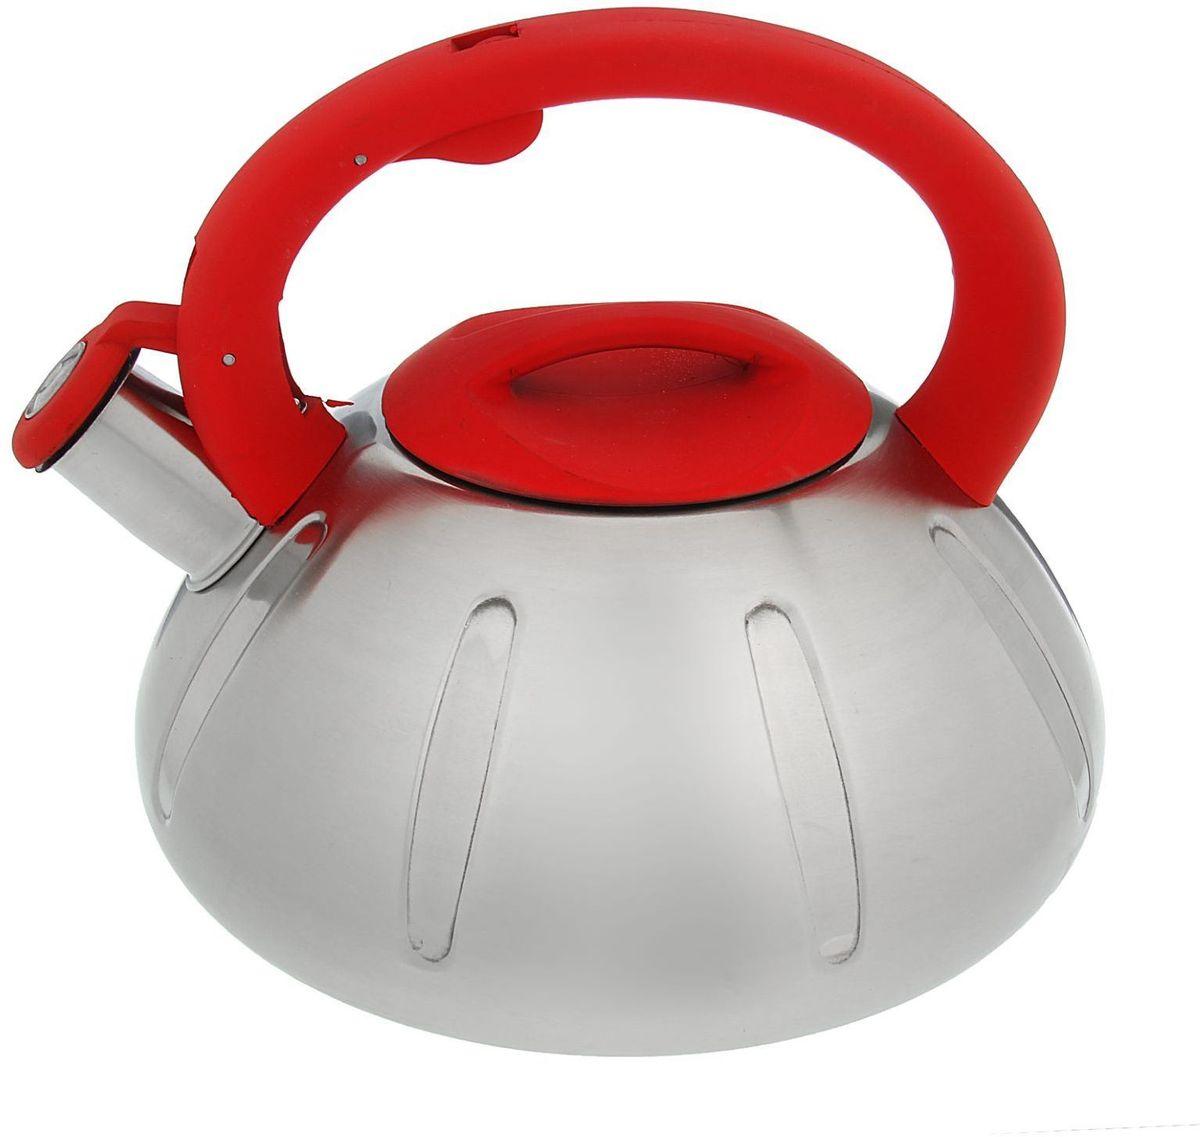 Чайник Доляна Глобал, со свистком, цвет: красный, 2,8 л1405210Бытовая посуда из нержавеющей стали славится неприхотливостью в уходе и безукоризненной функциональностью. Коррозиестойкий сплав обеспечивает гигиеничность изделий. Чайники из этого материала абсолютно безопасны для здоровья человека. Чем привлекательна посуда из нержавейки? Чайник из нержавеющей стали станет удачной находкой для дома или ресторана: благодаря низкой теплопроводности модели вода дольше остается горячей; необычный дизайн радует глаз и поднимает настроение; качественное дно гарантирует быстрый нагрев. Как продлить срок службы? Ухаживать за новым приобретением элементарно просто, но стоит помнить о нескольких нехитрых правилах. Во-первых, не следует применять абразивные инструменты и сильнохлорированные моющие средства. Во-вторых, не оставляйте пустую посуду на плите. В-третьих, если вы уезжаете из дома на длительное время - выливайте воду из чайника. Если на внутренней поверхности изделия появились пятна, используйте для их удаления несколько капель уксусной или лимонной...